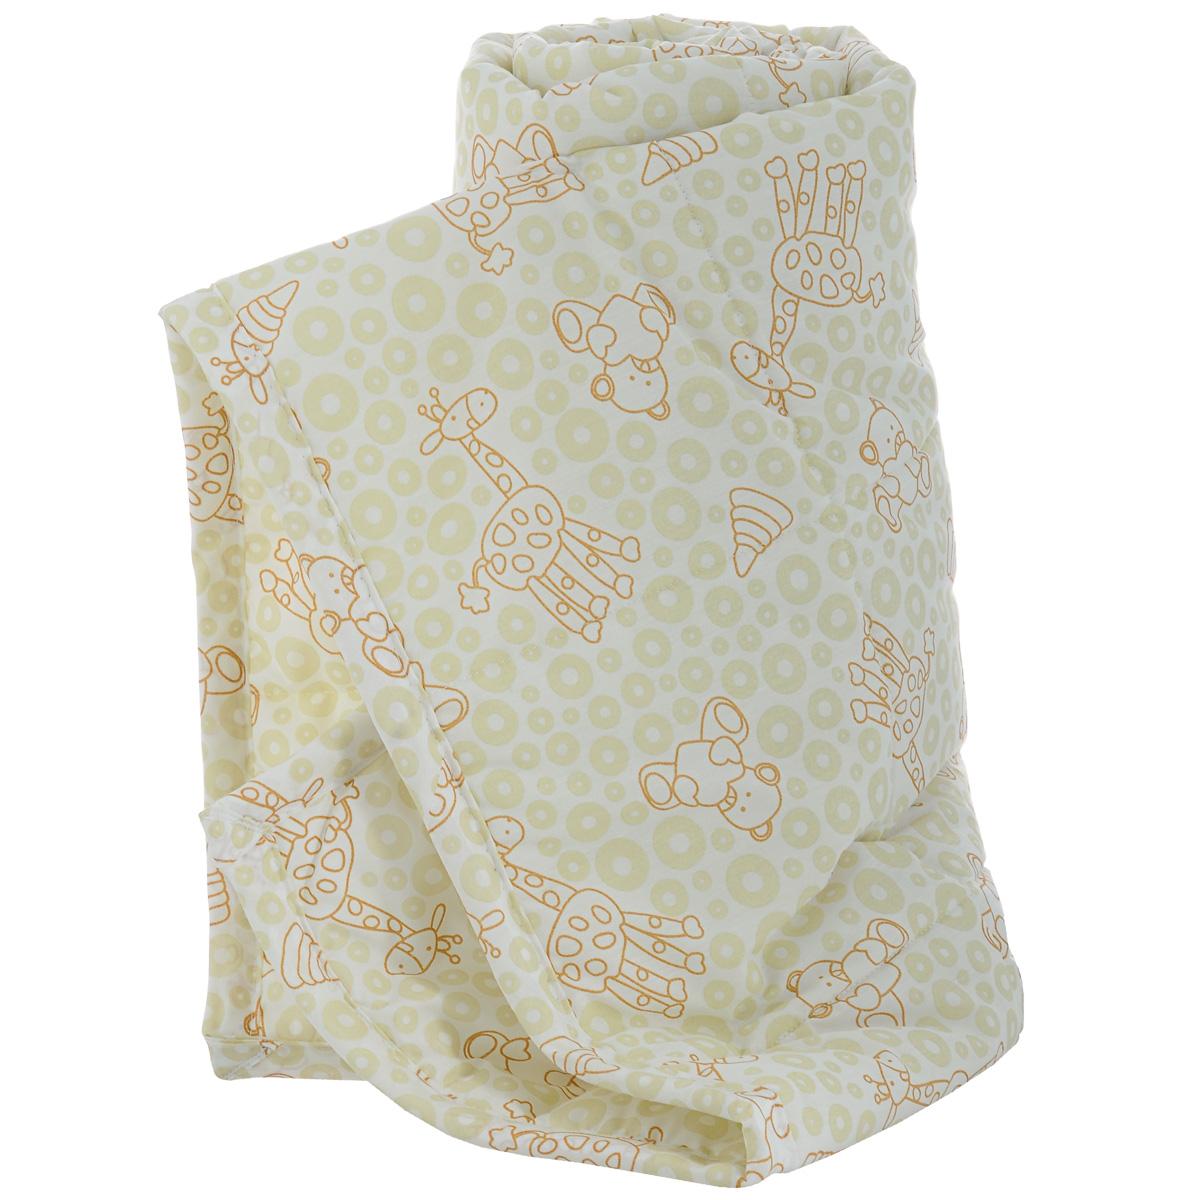 Одеяло детское Baby Nice Жирафы, стеганое, цвет: бежевый, 110 см x 140 см. Q0412323Q0412323